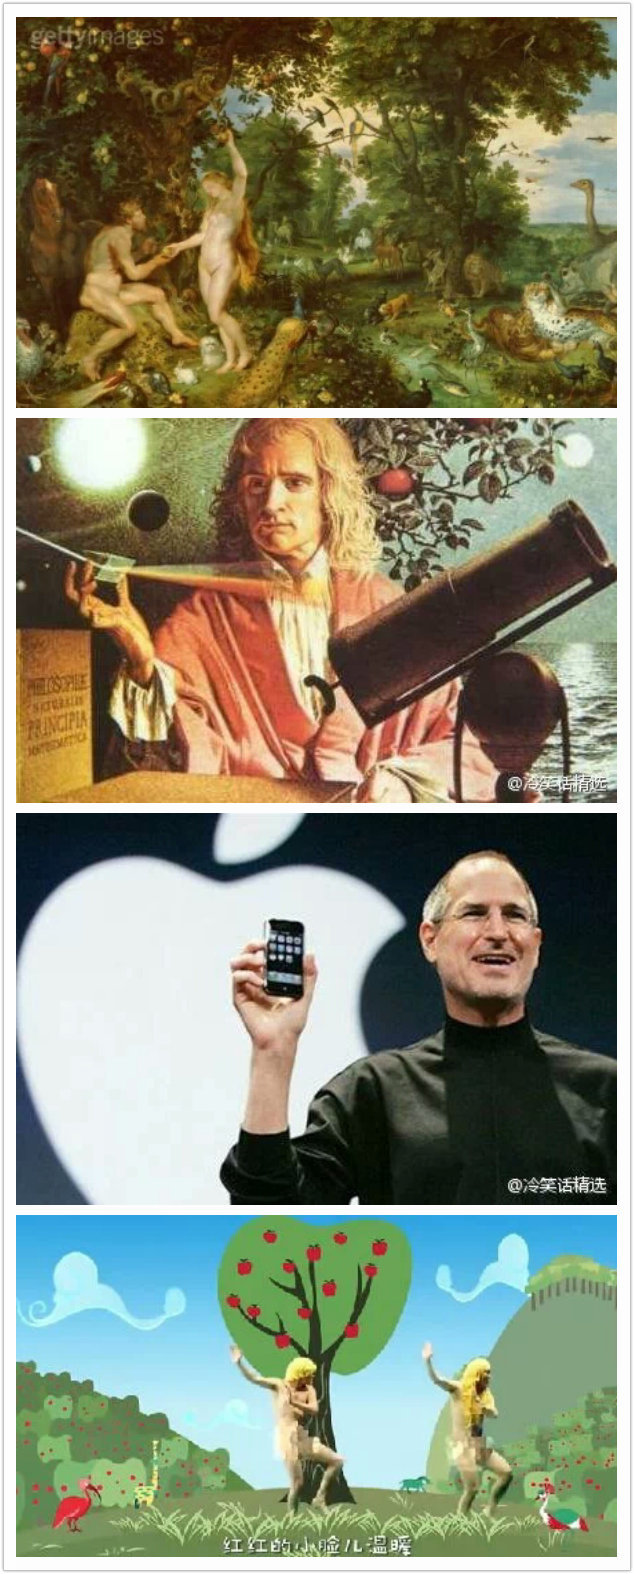 无敌西瓜 第一颗苹果改变了人类;第二颗苹果改变了物理界;第三颗苹果改变了科技界;第四颗苹果改变了音乐界?